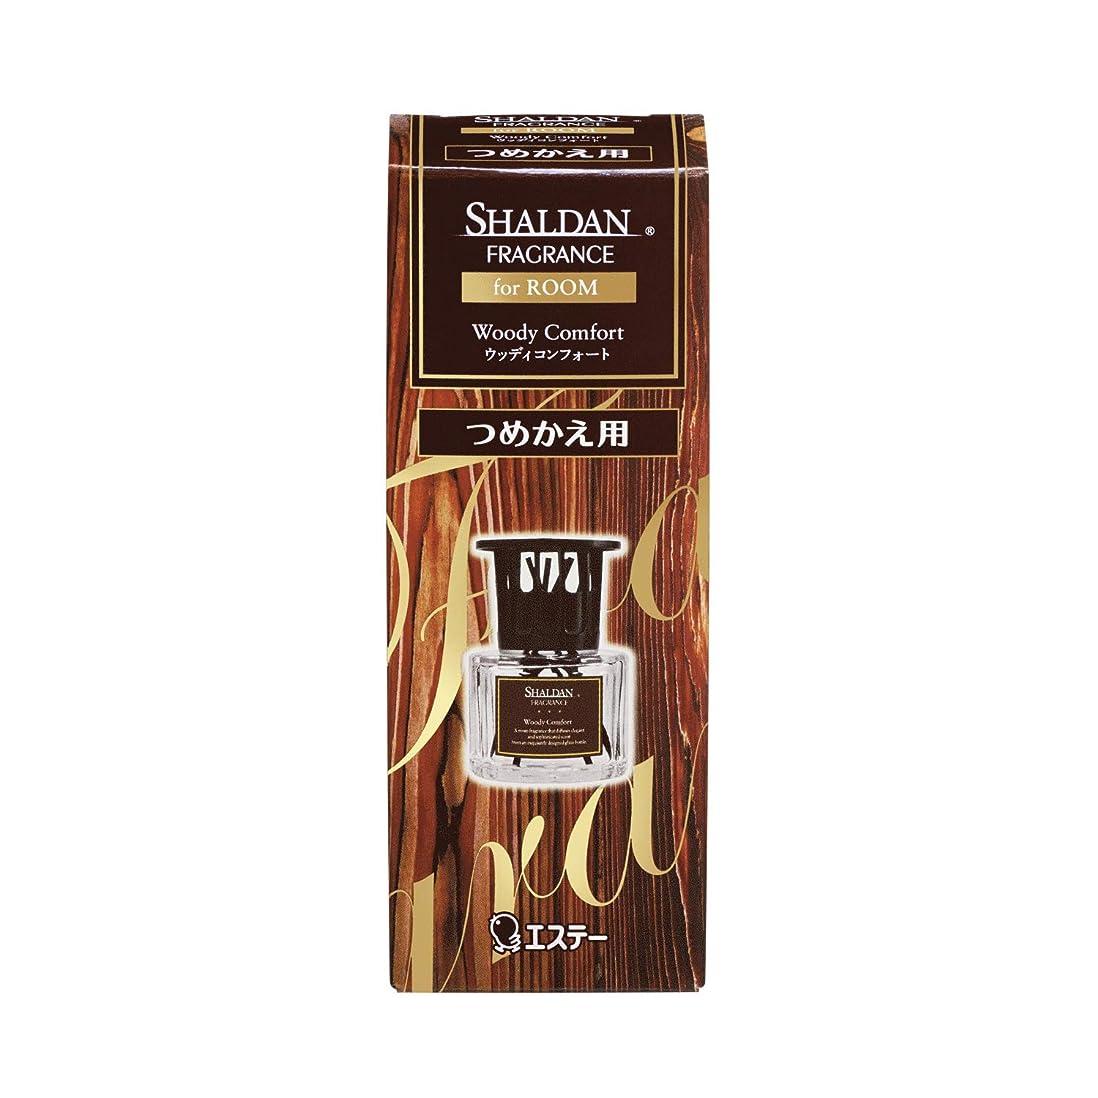 一方、ひそかに散るシャルダン SHALDAN フレグランス for ROOM 芳香剤 部屋用 つめかえ ウッディコンフォート 65mL